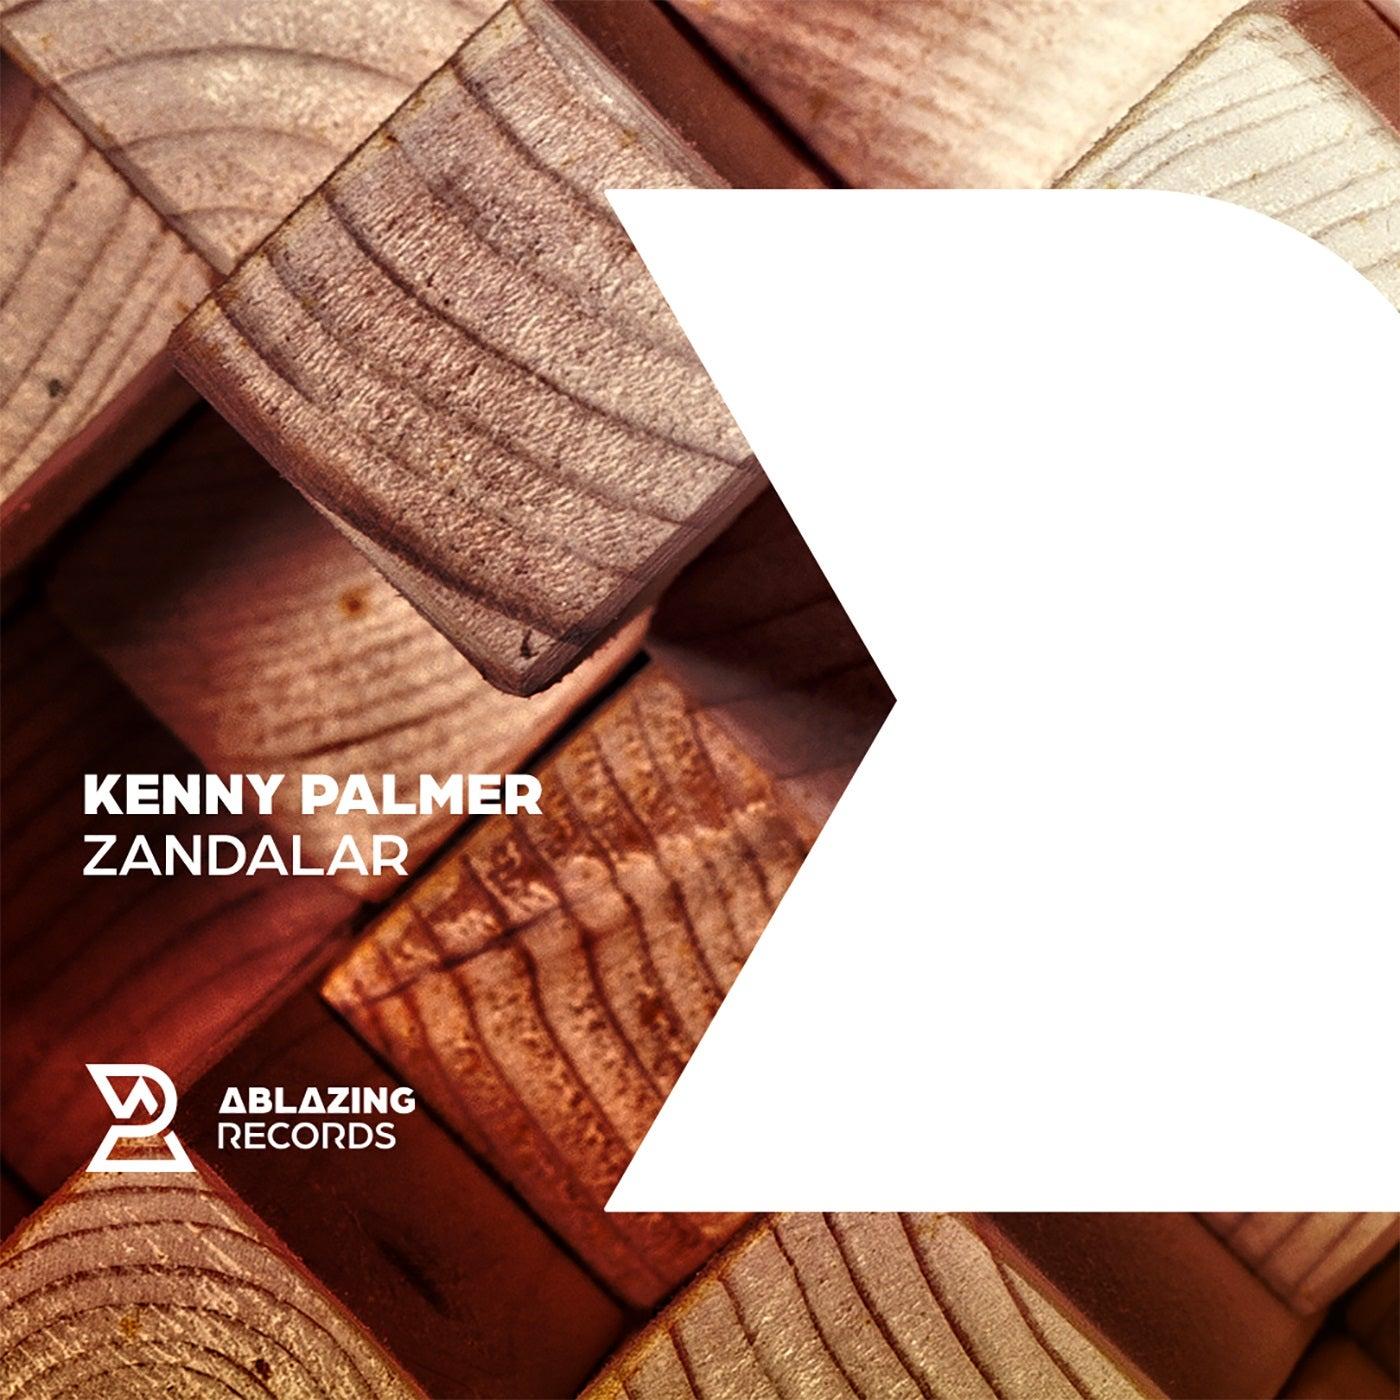 Zandalar (Extended Mix)